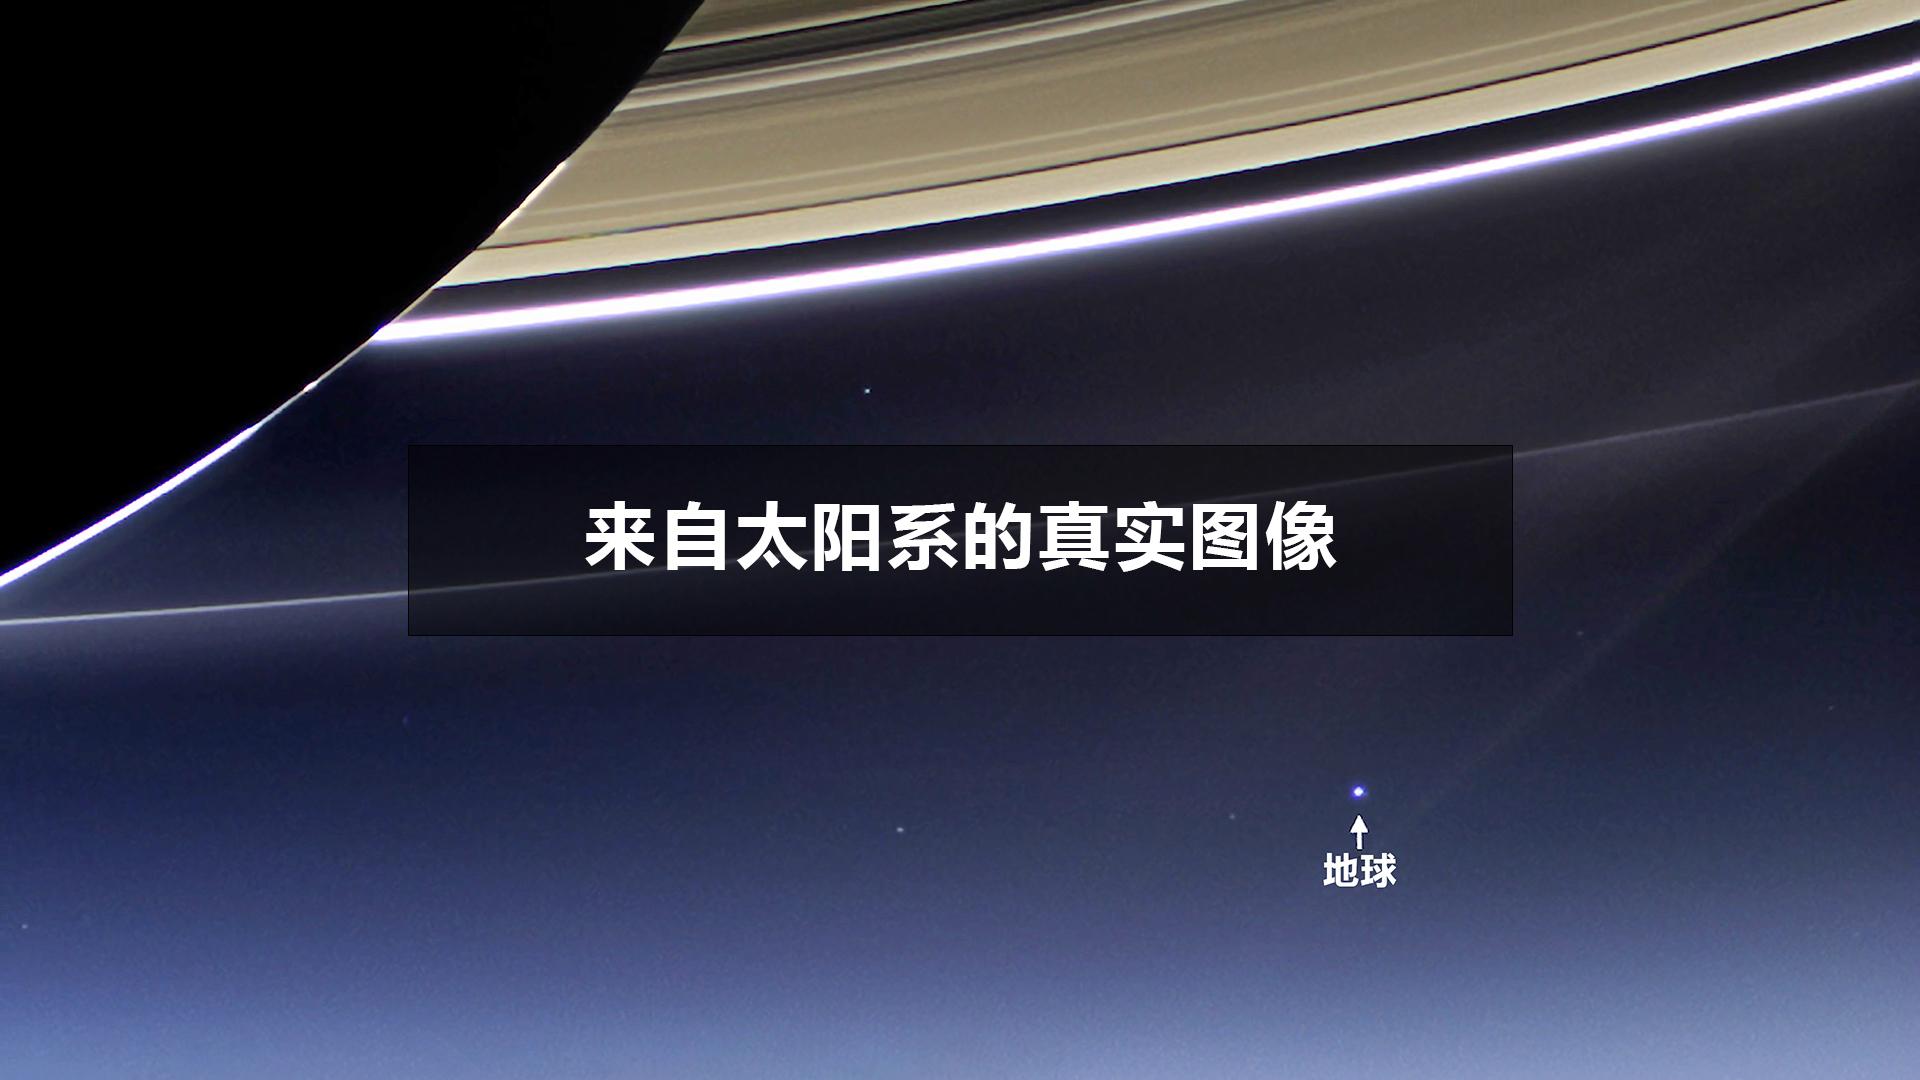 来自太阳系的真实图像(4K)